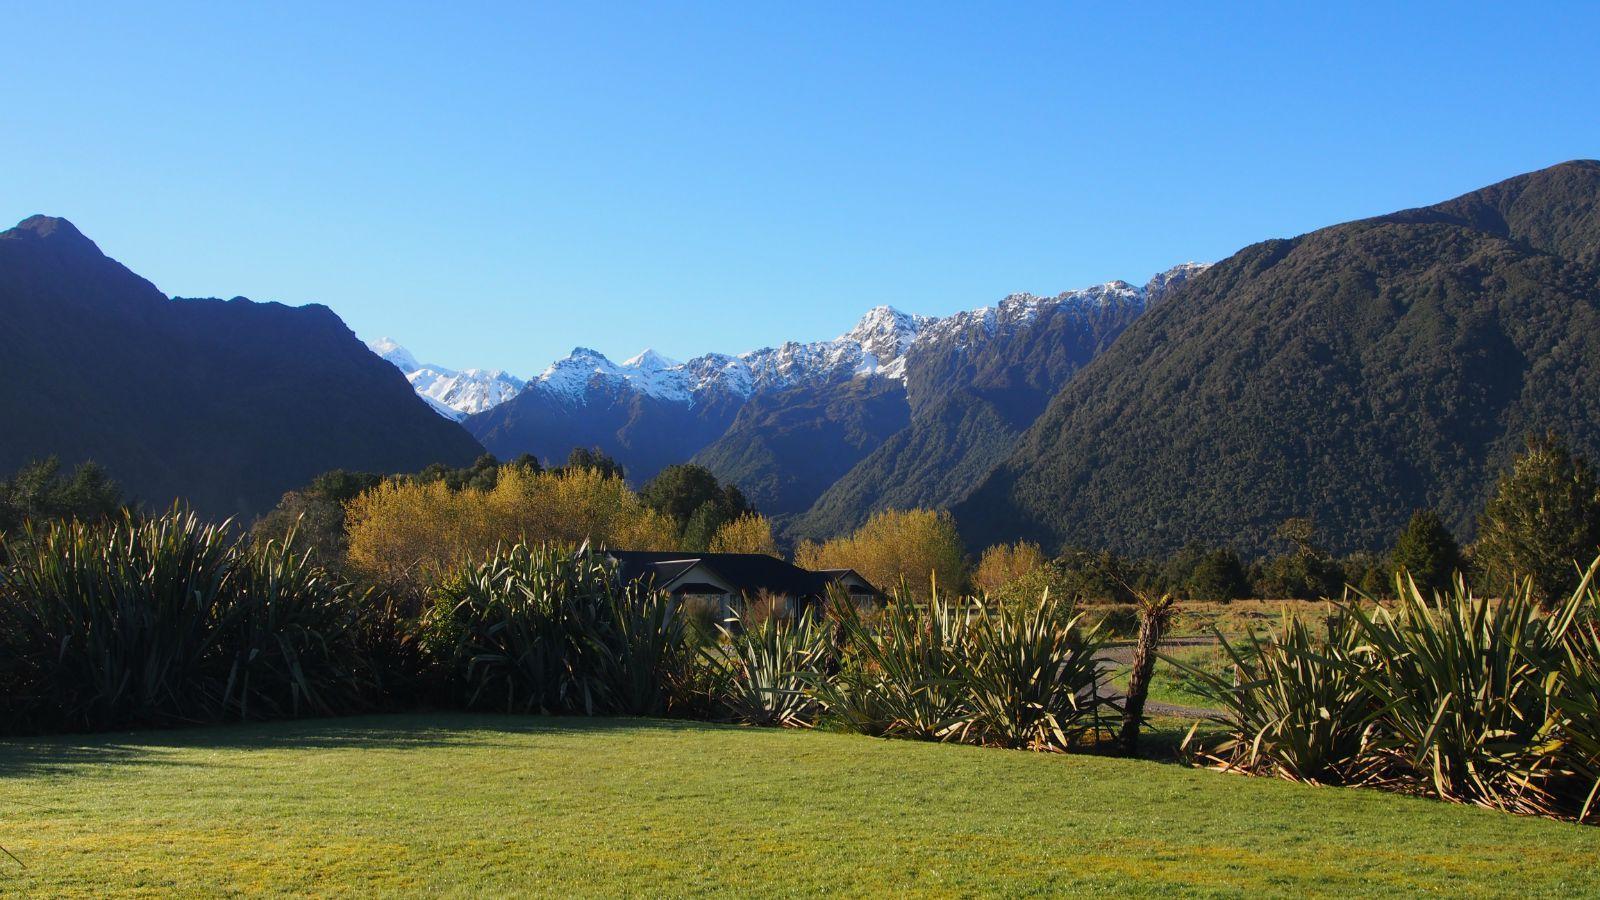 无与伦比的美丽,2013年自驾新西兰南岛